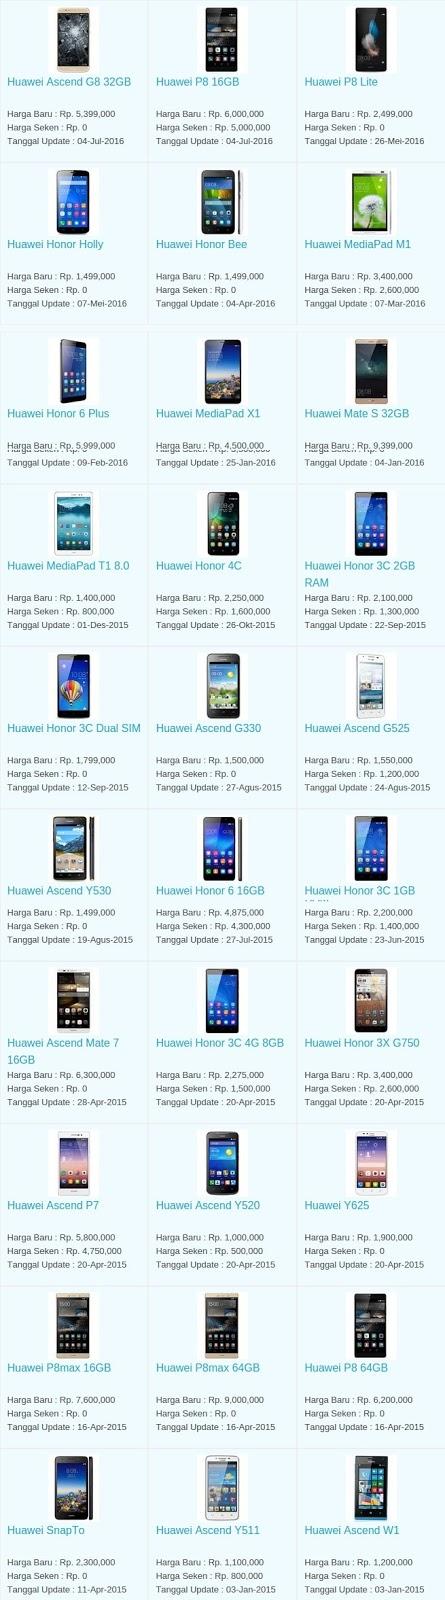 Daftar Harga Hp Terbaru Huawei Juli 2016